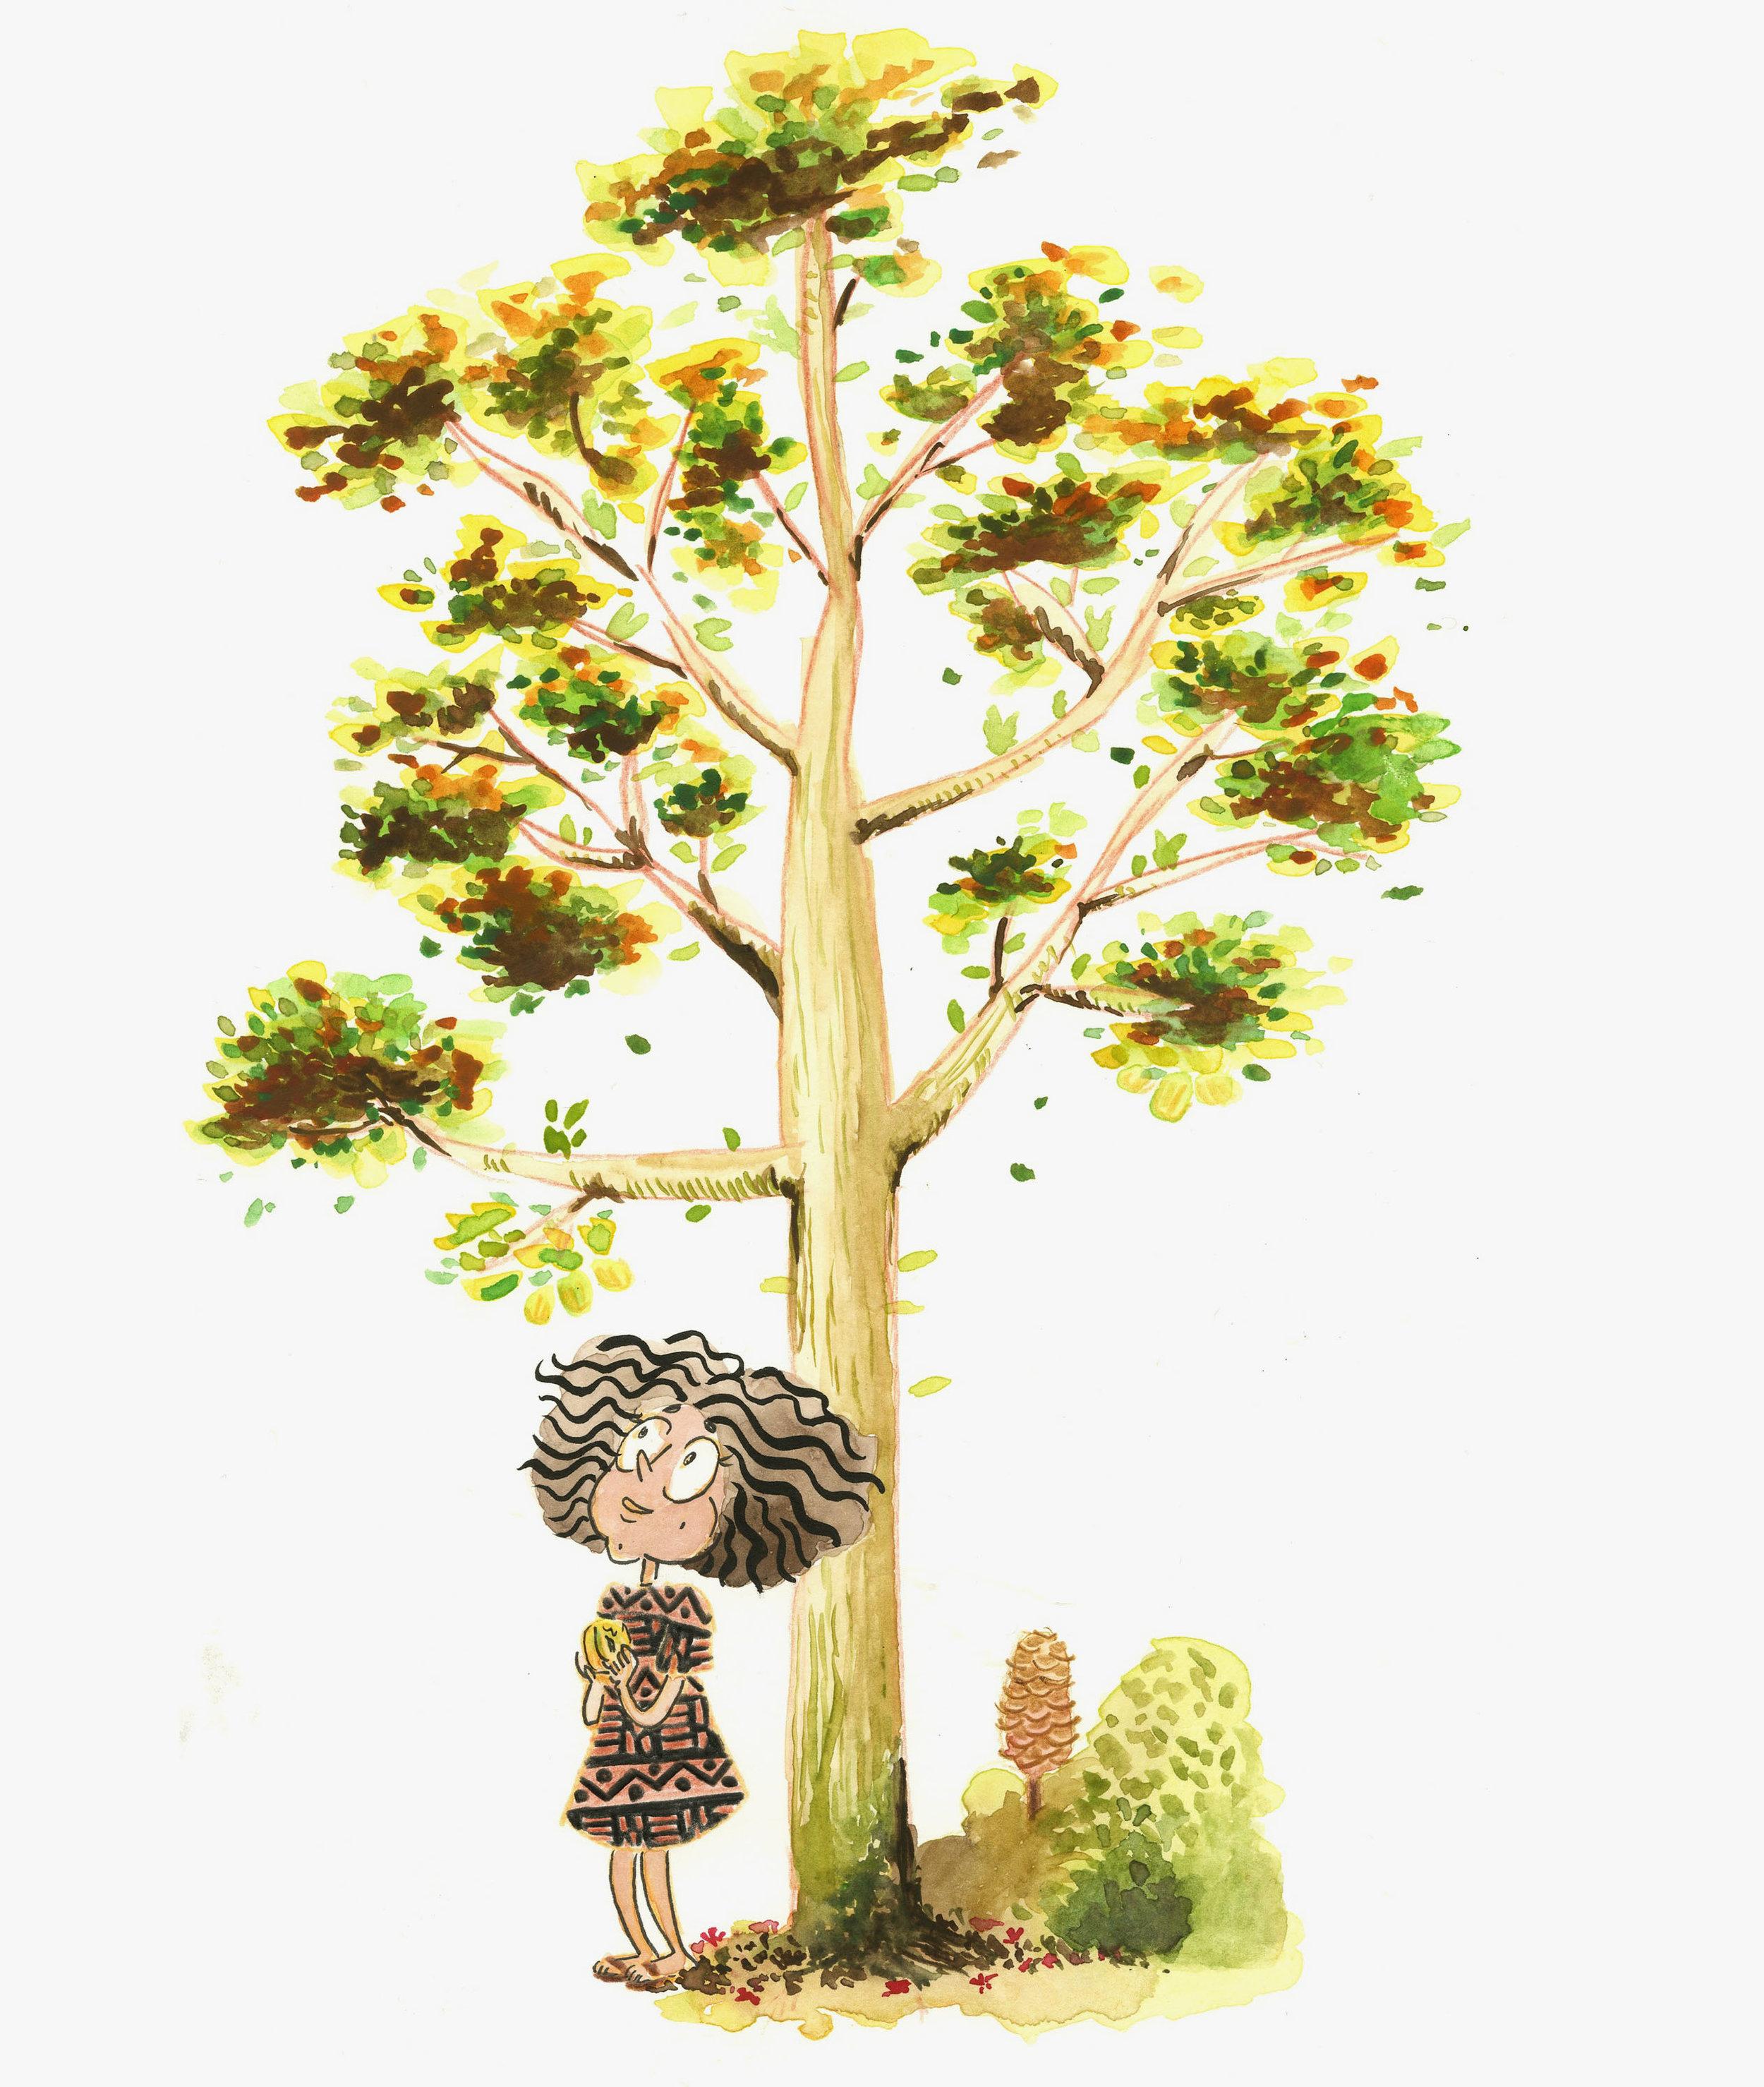 Lucie_Meslien_Illustration_girl_under_tree.jpg